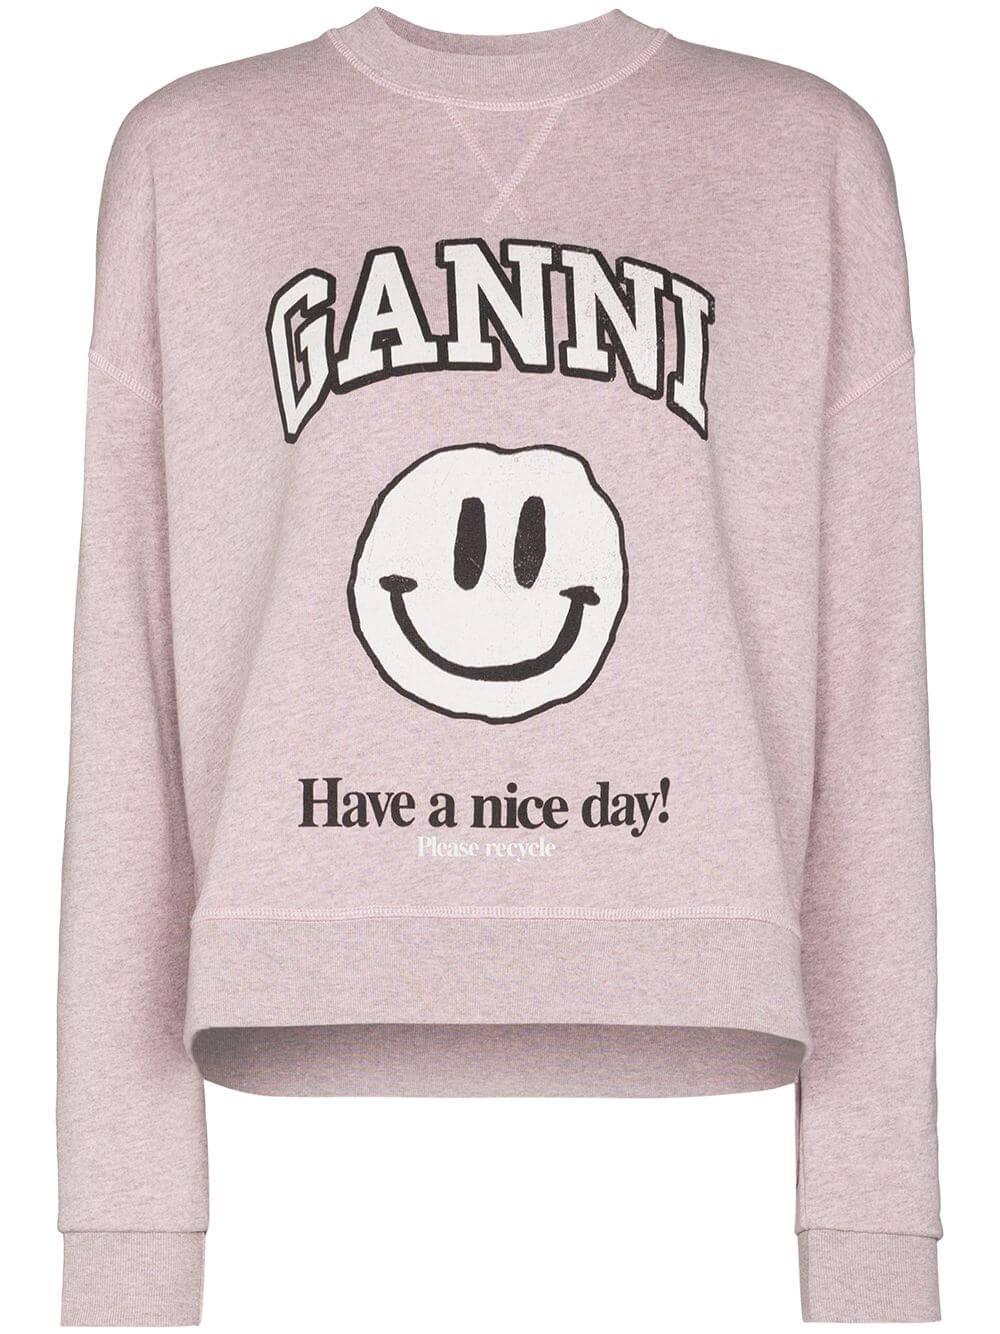 Isoli Smiley Face Sweatshirt